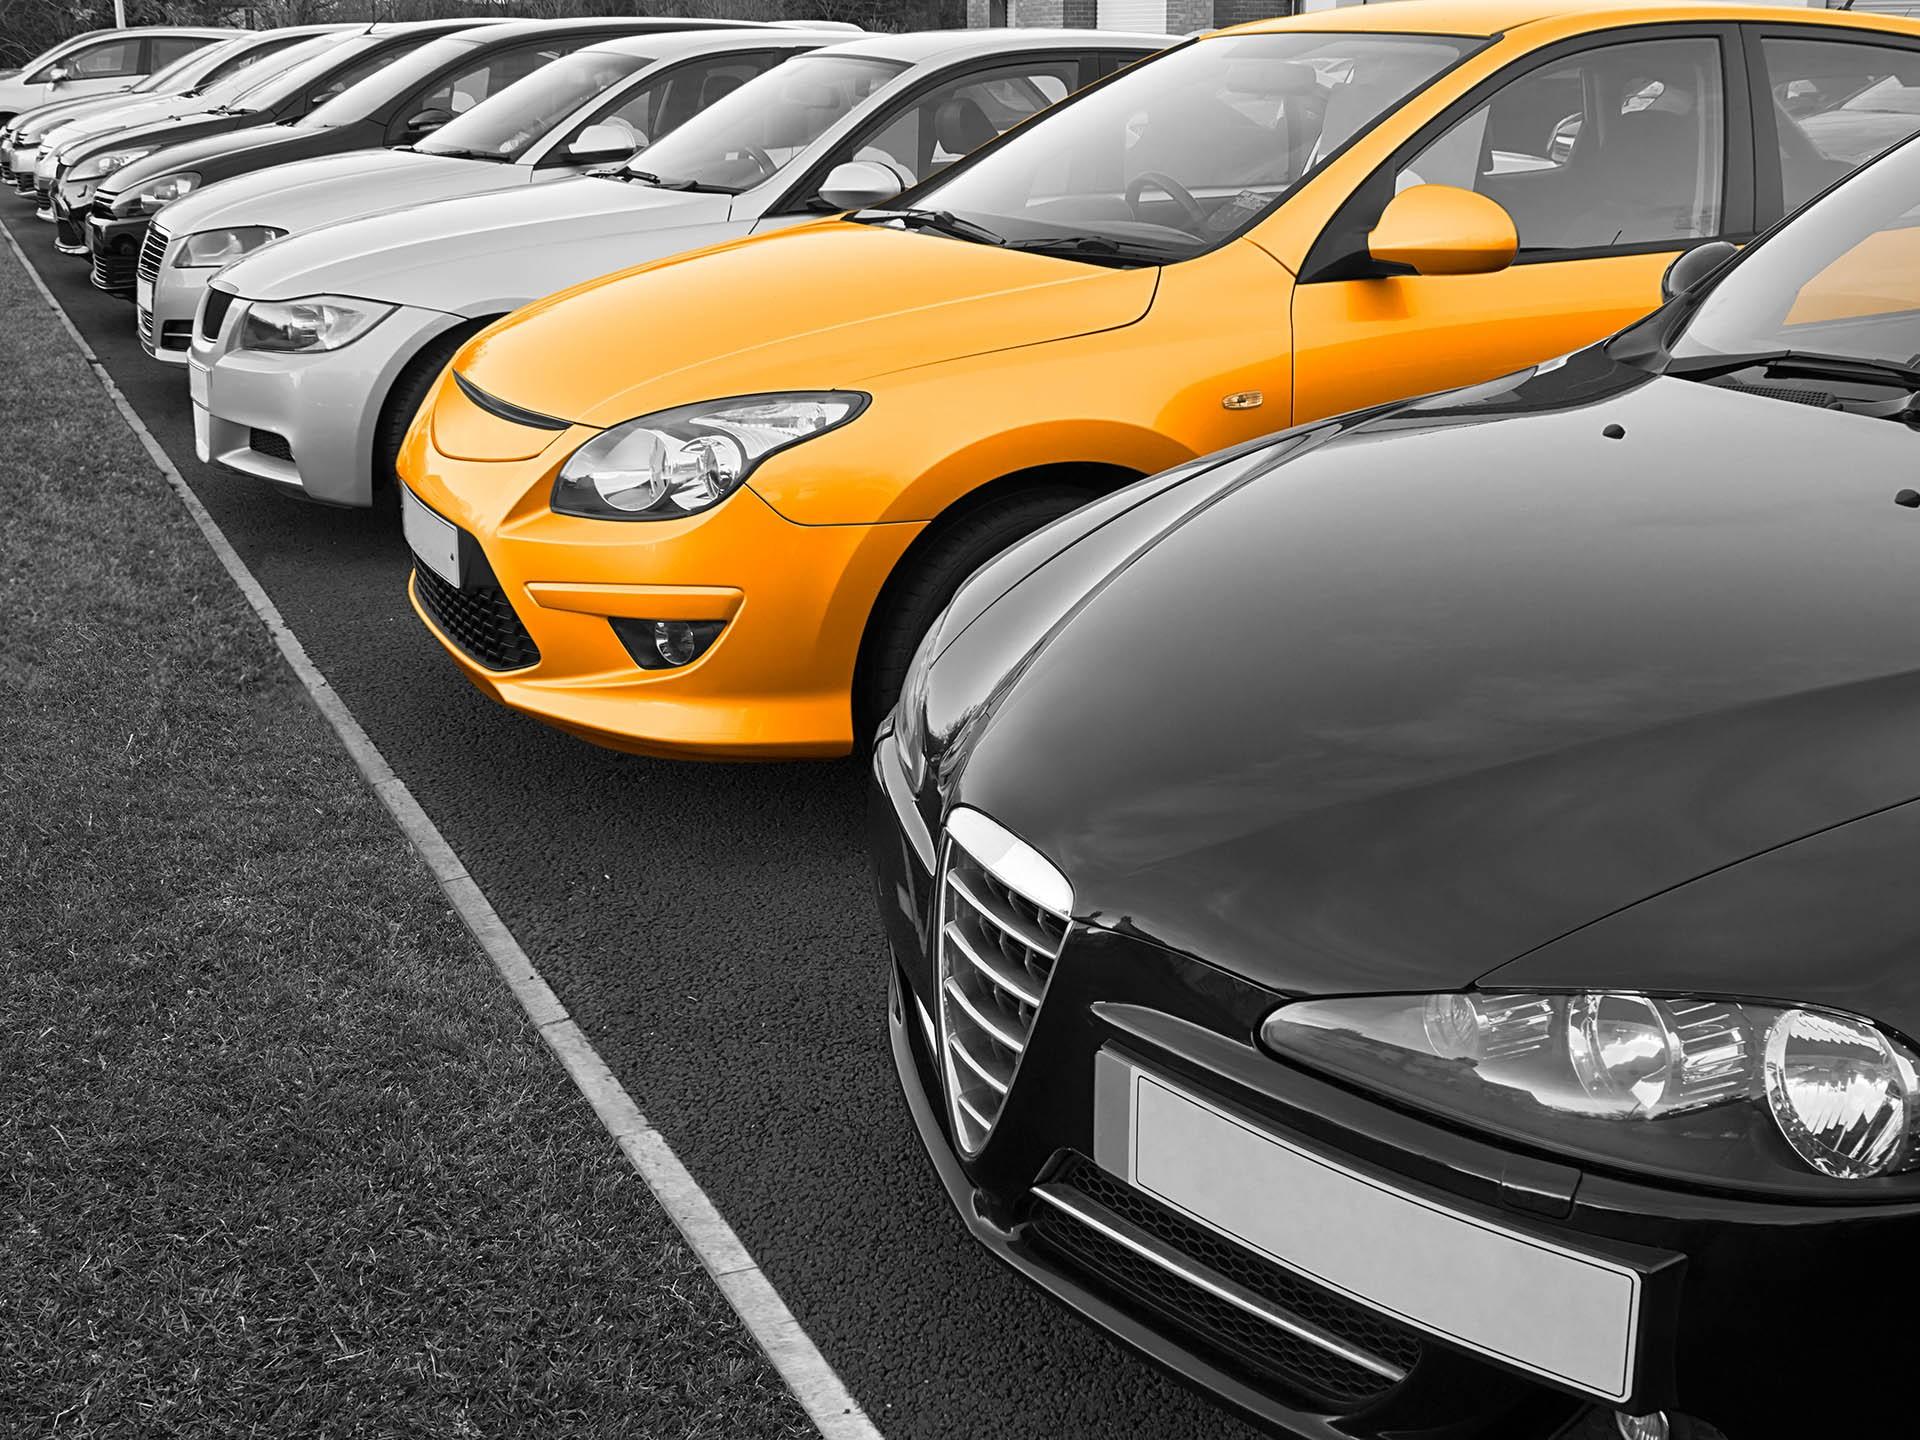 Авито Авто: продажи премиум-автомобилей с пробегом в России выросли на 6,1% по итогам 2020 года